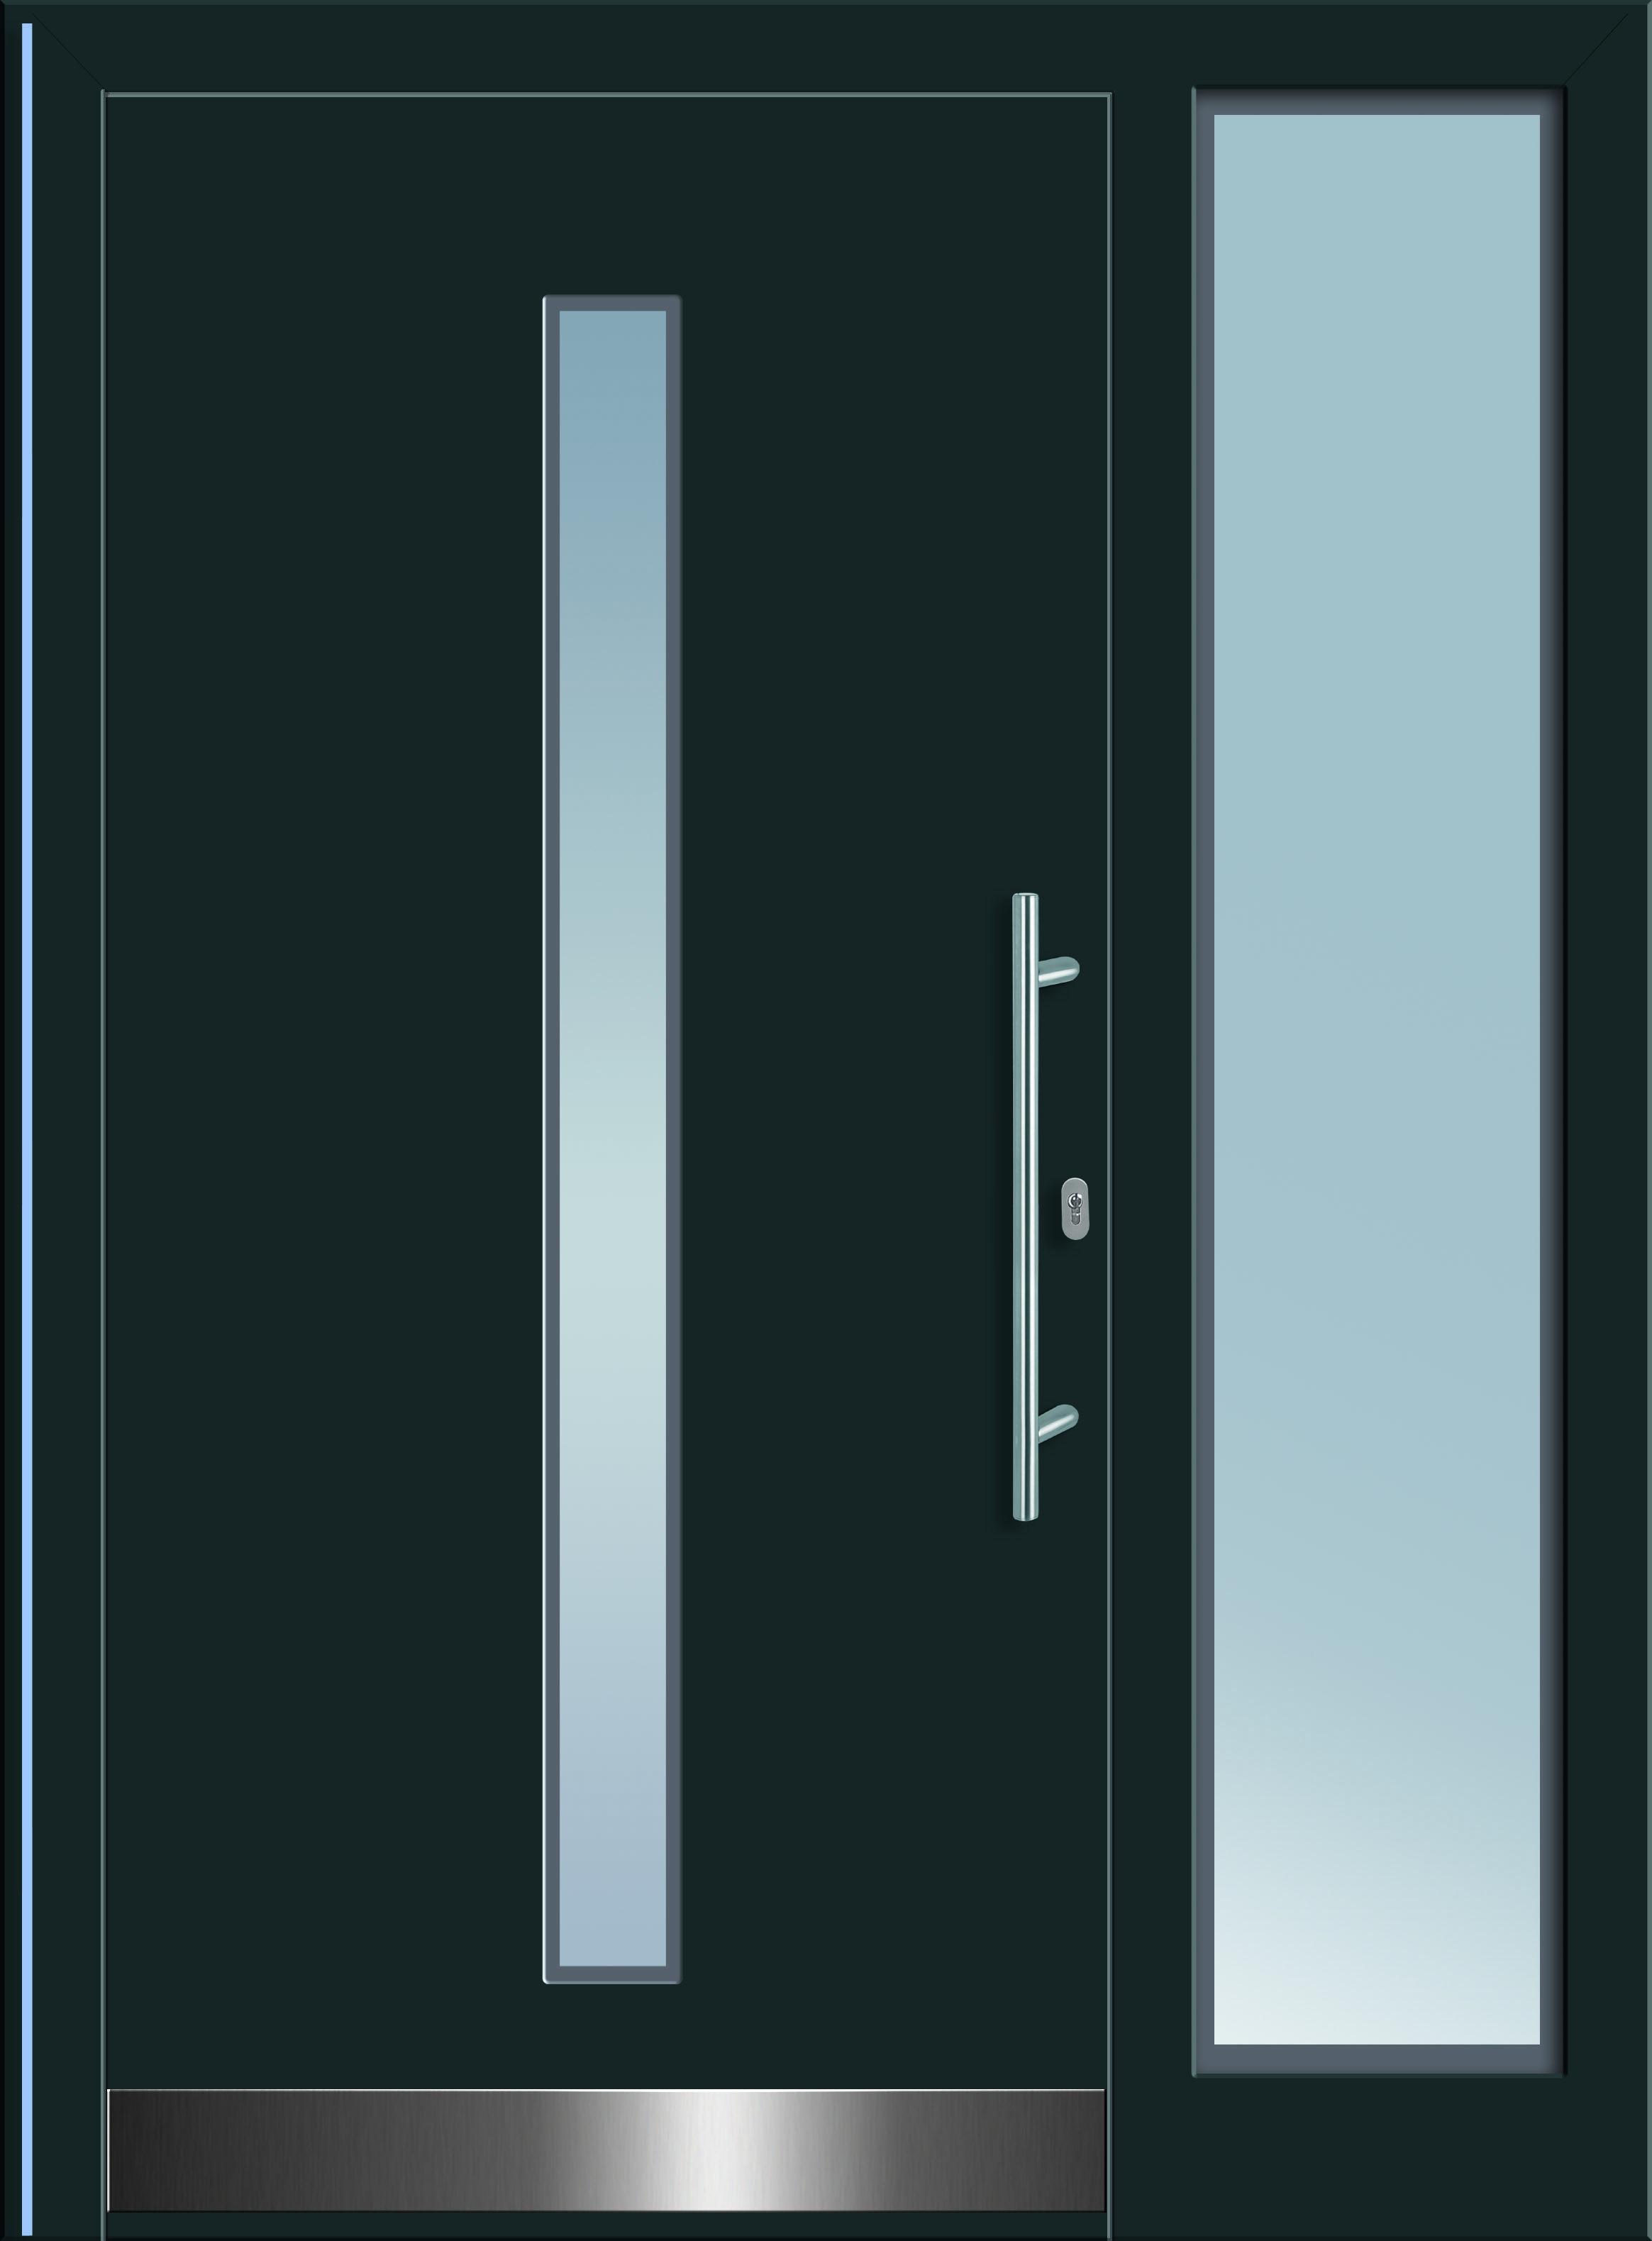 wasat 1 aluminium eingangst re in dunkelgrau mit glasausschnitt in satinato glas mit edelstahl. Black Bedroom Furniture Sets. Home Design Ideas